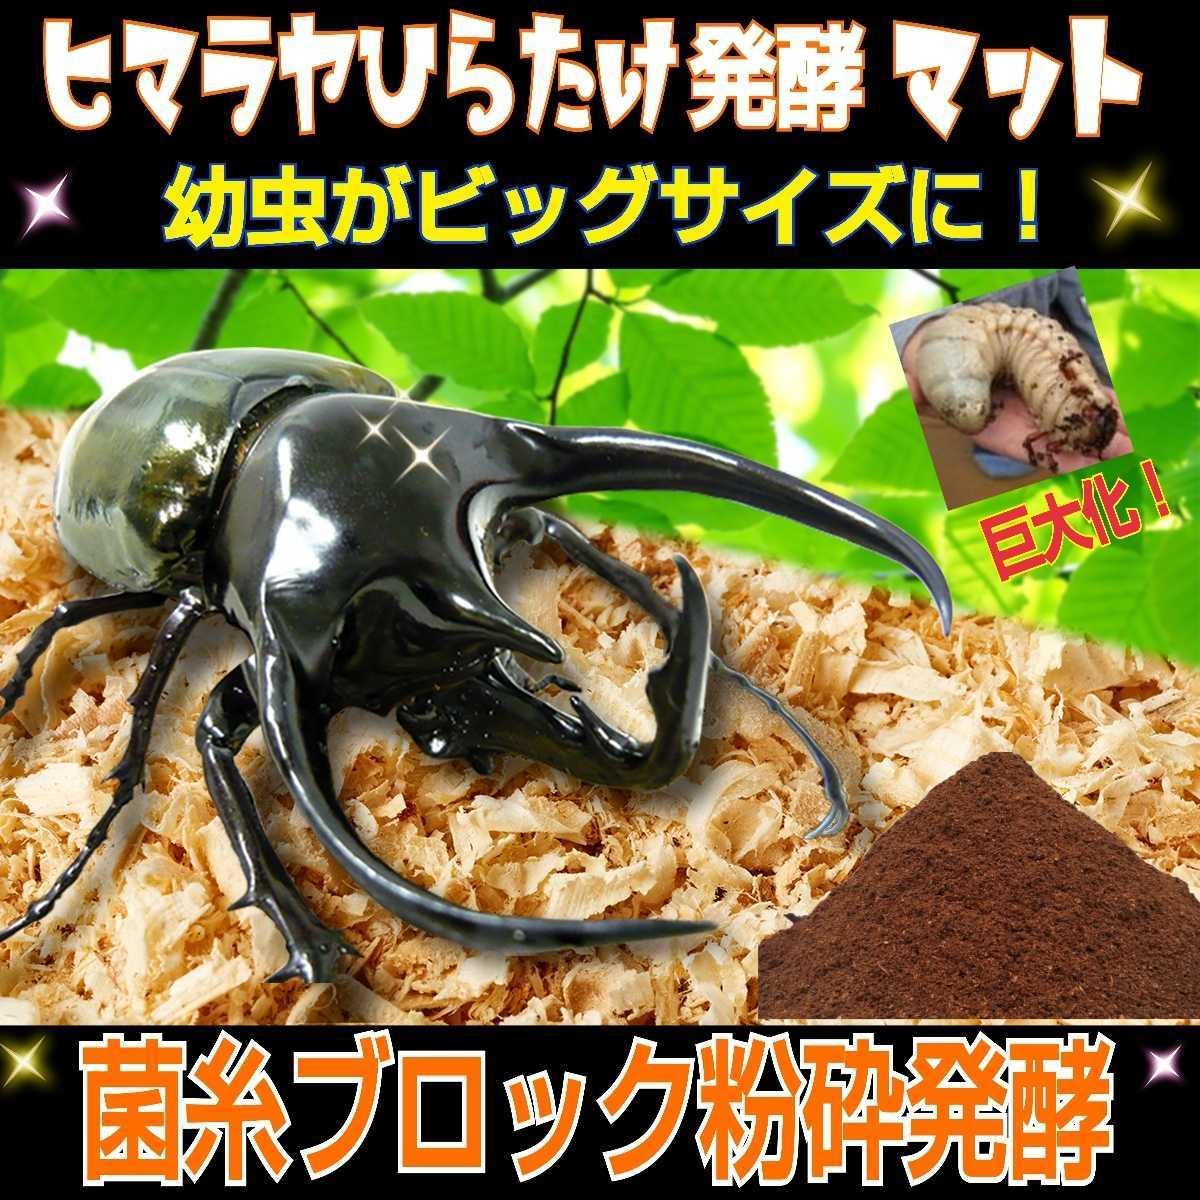 ヒマラヤひらたけ発酵マット☆カブトムシ・クワガタの幼虫の餌、産卵マットに!栄養価抜群なのでビッグサイズ狙えます!クヌギ100%原料_画像5